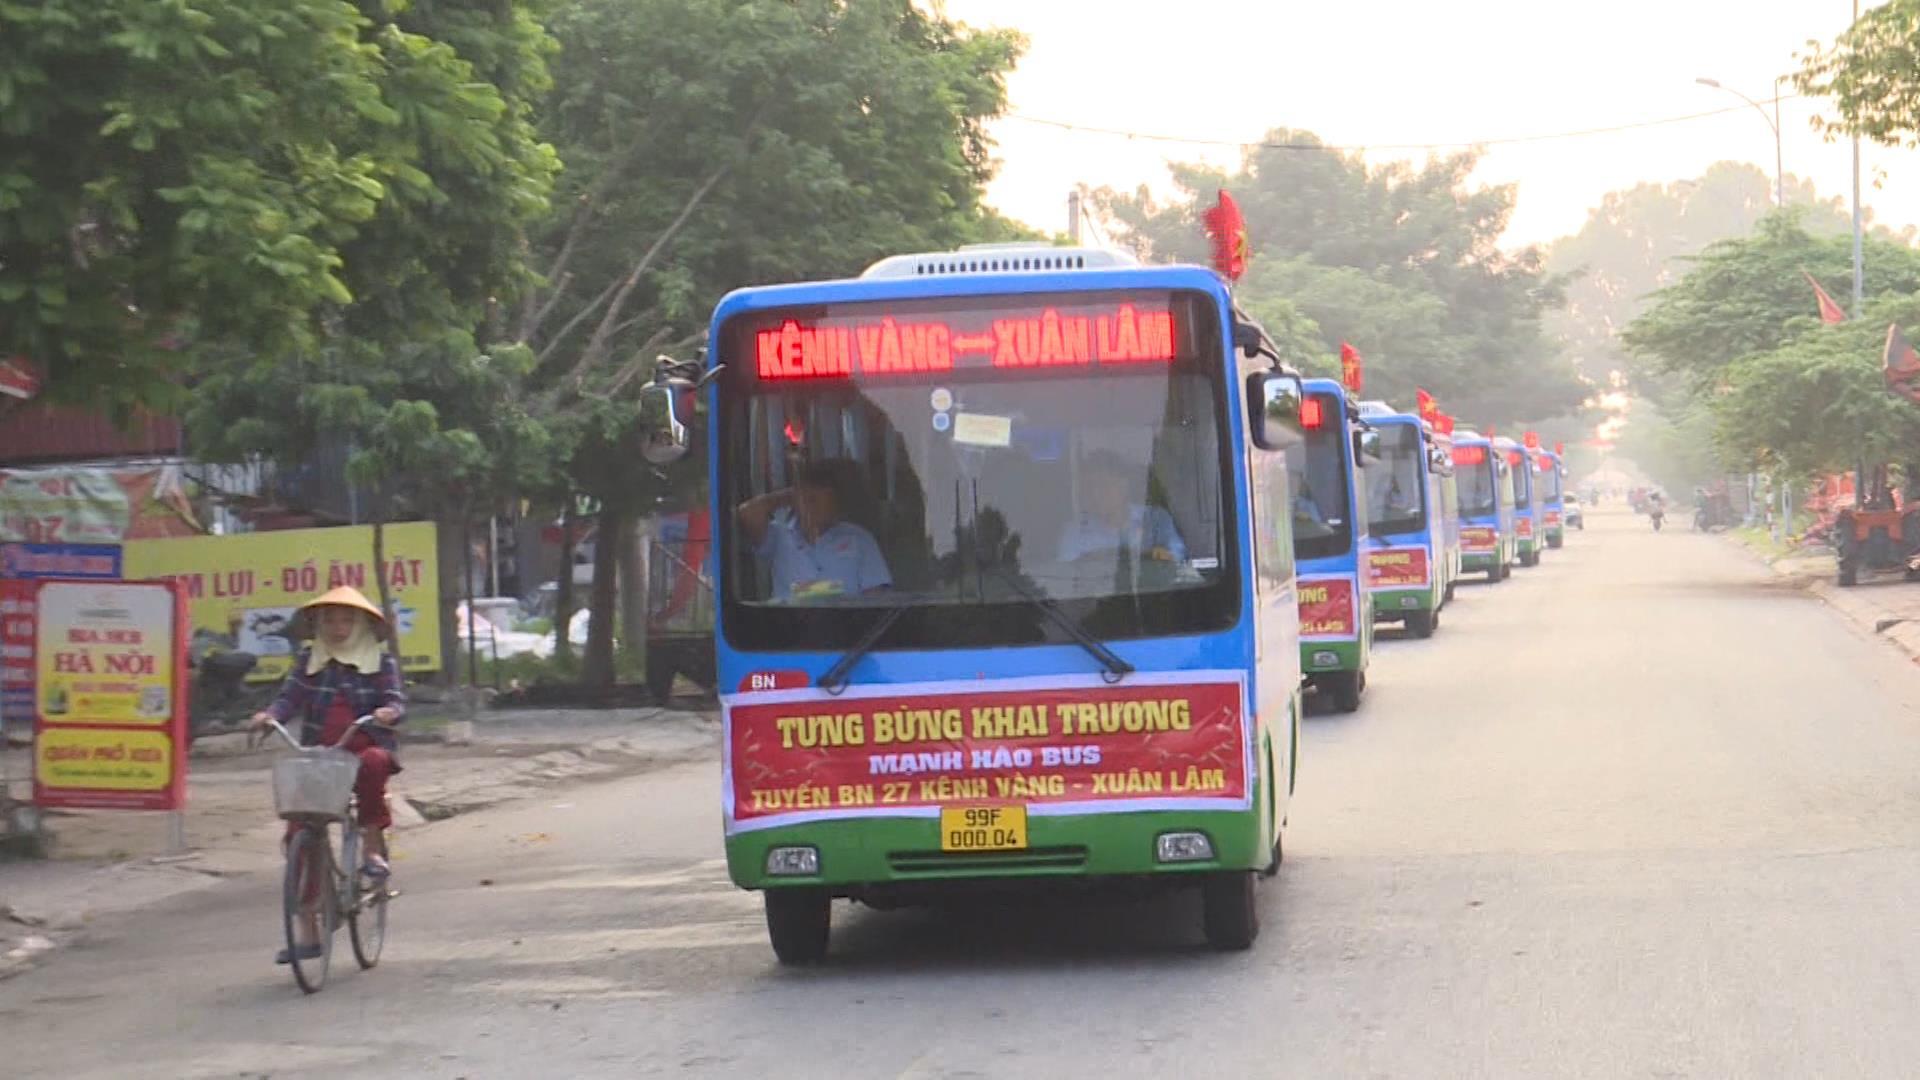 Hoạt động trở lại tuyến xe buýt Kênh Vàng- Xuân Lâm